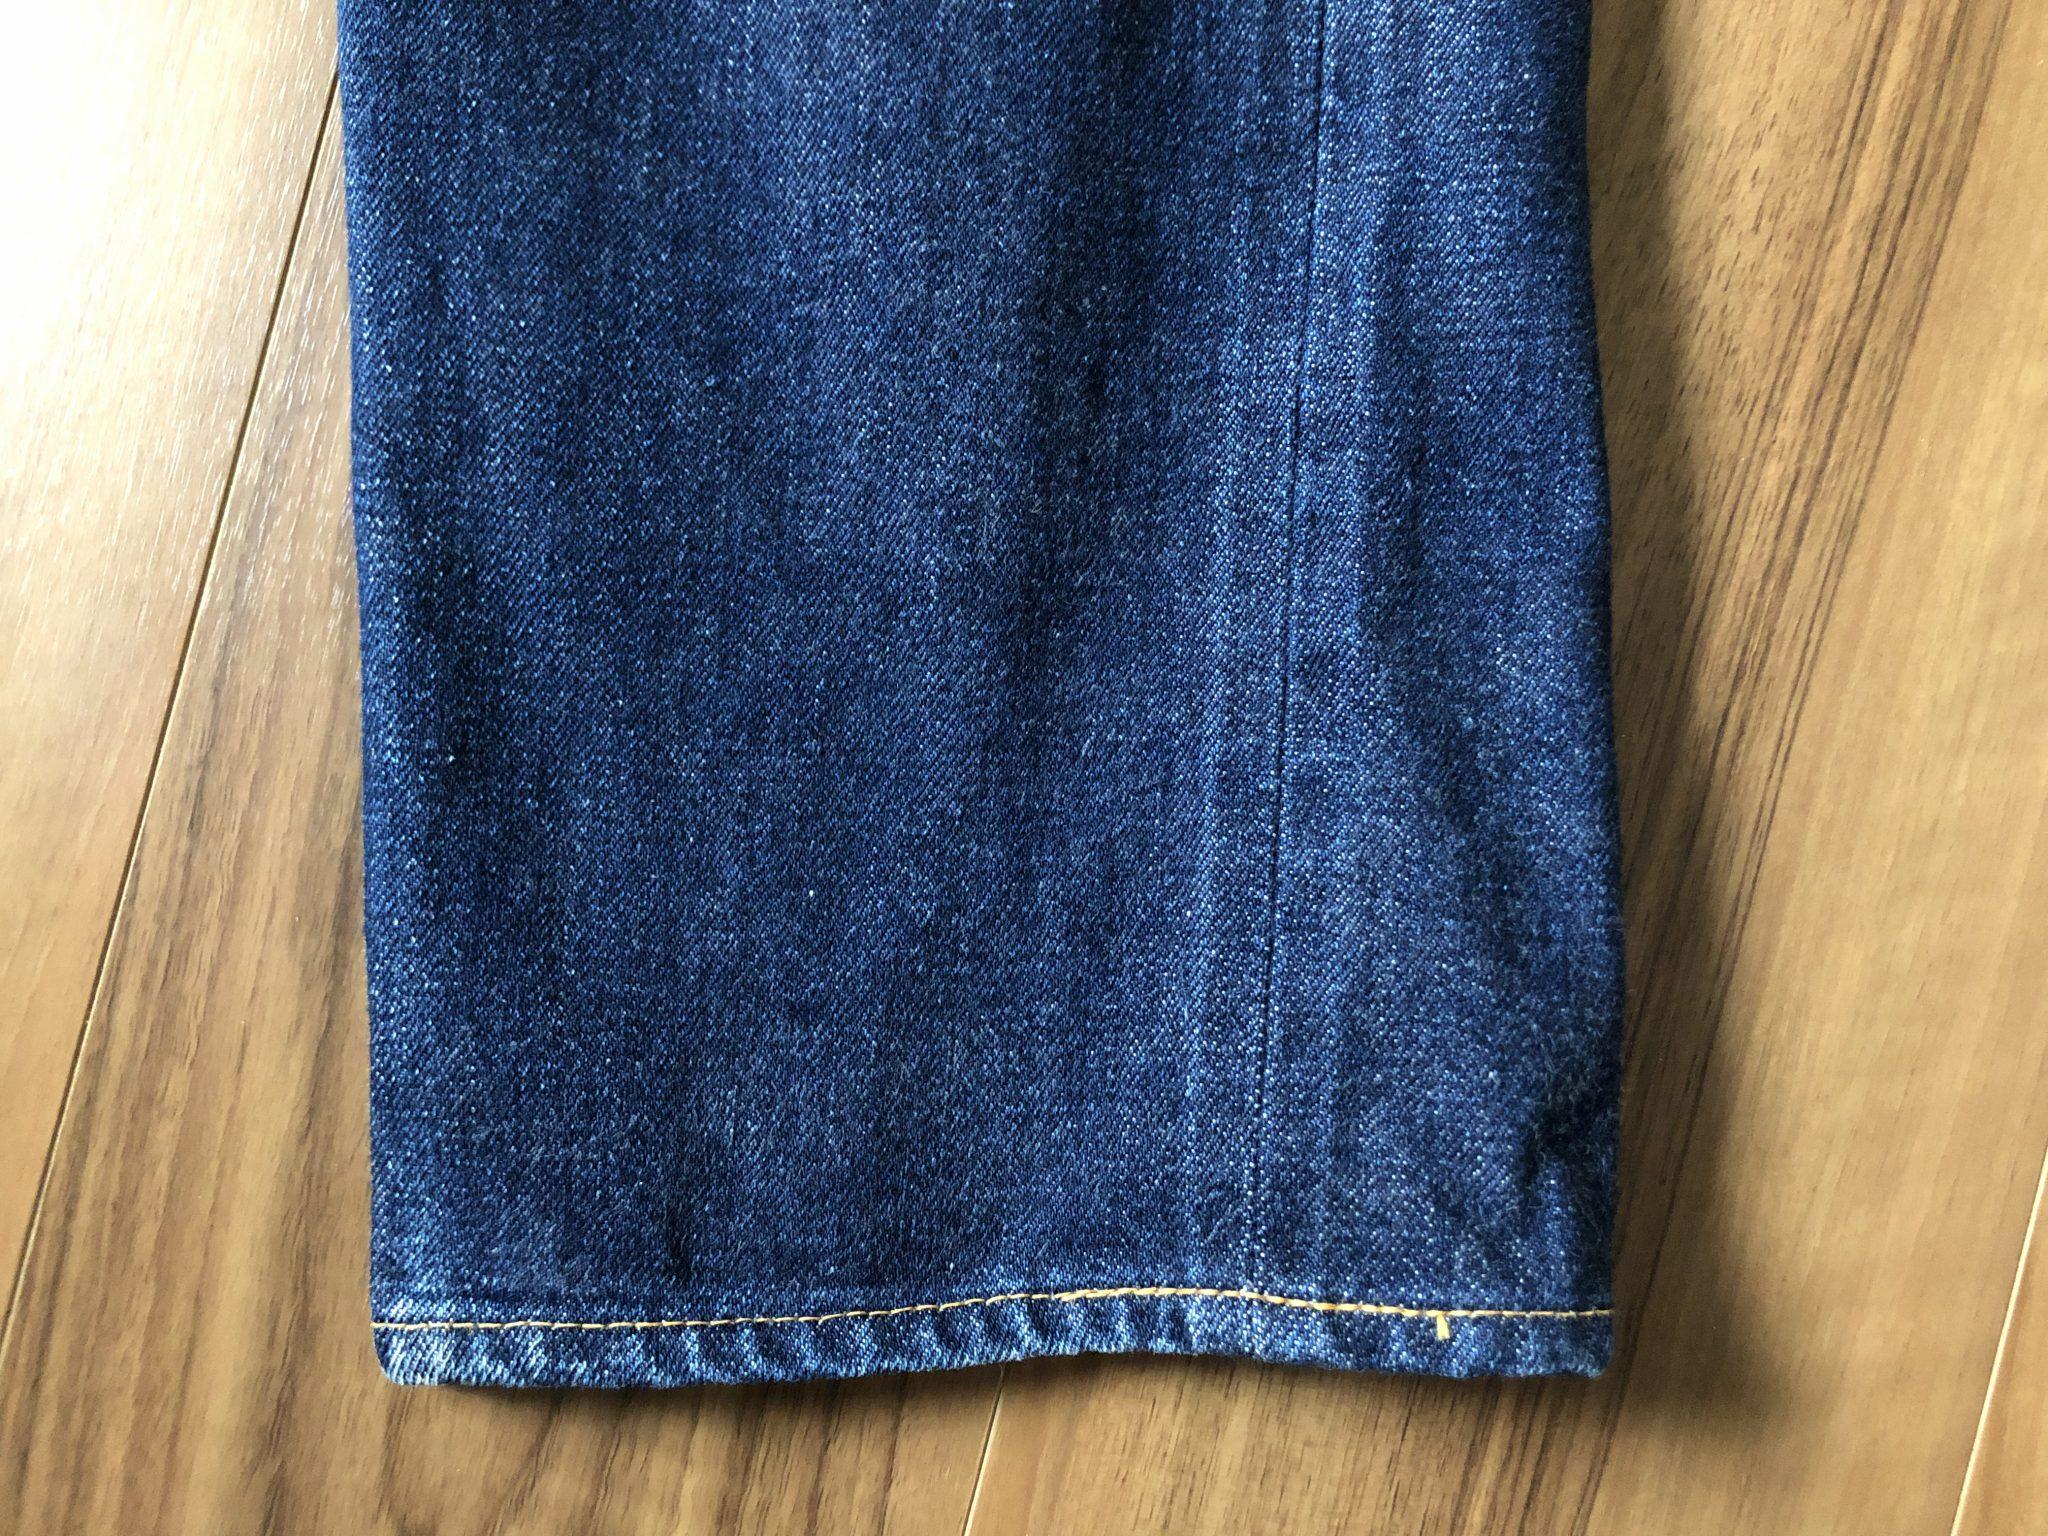 リゾルト 710 Resolute 710 エイジング 経年変化 16回洗濯 スソ 裾 チェーンステッチ